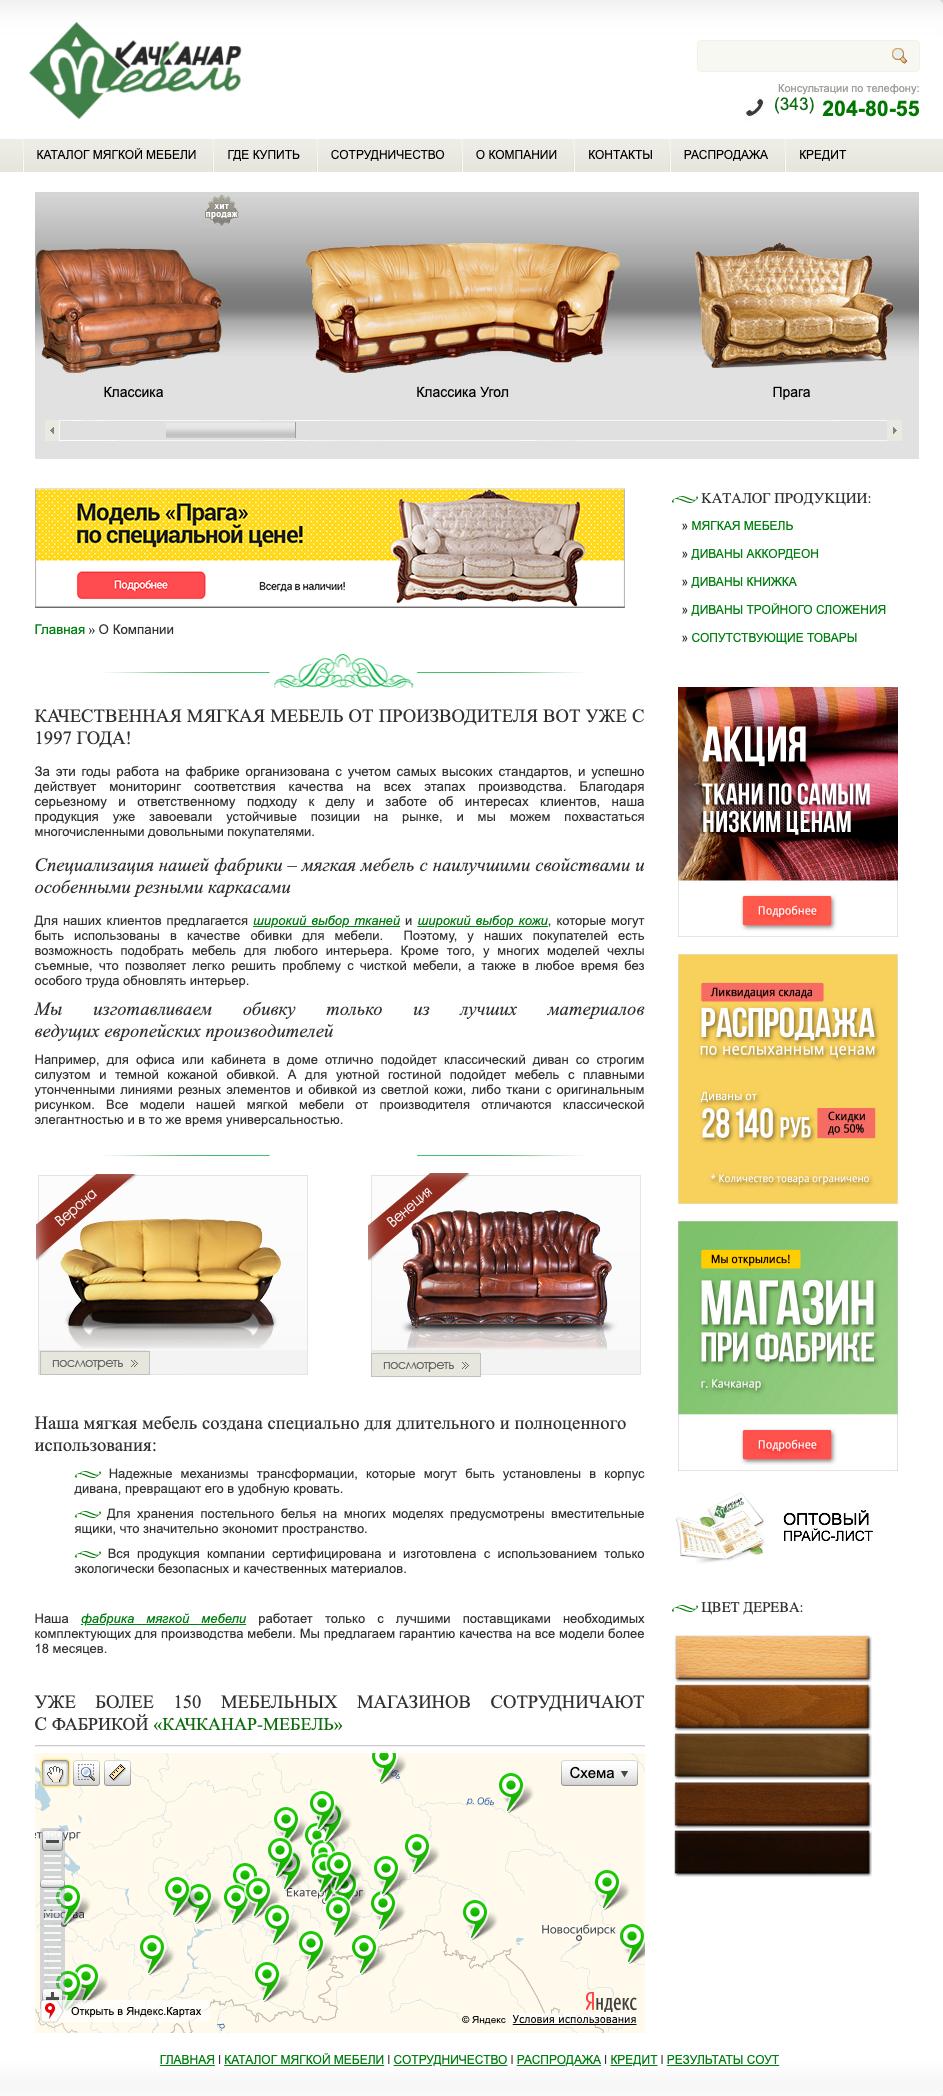 FireShot Capture 094 - «Качканар-Мебель» - мягкая мебель от производителя - kachmebel.ru